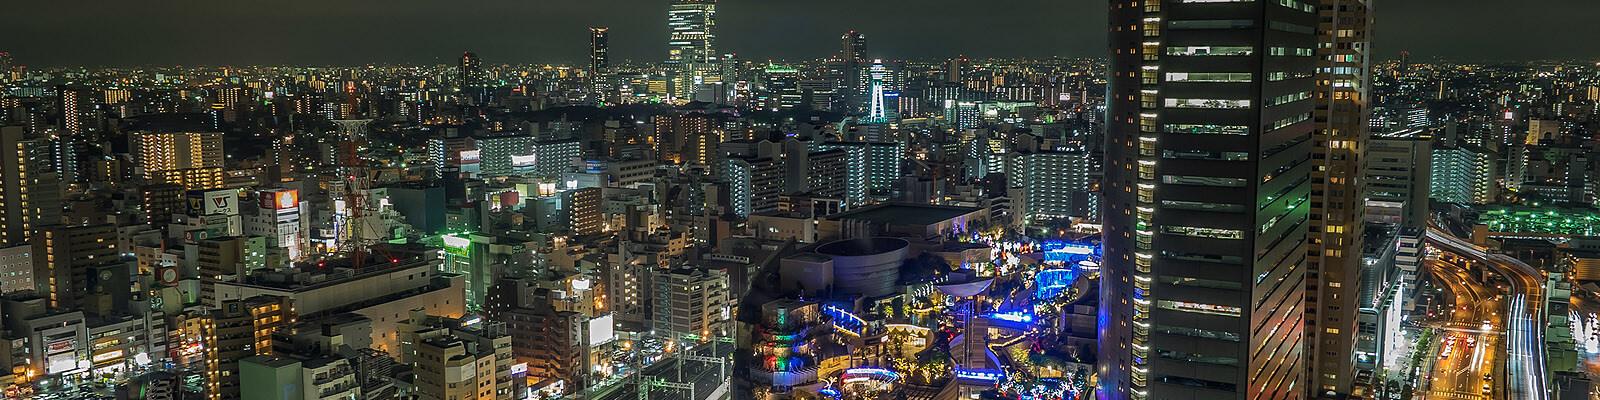 パーティー後のデートスポット~大阪なんば会場編~